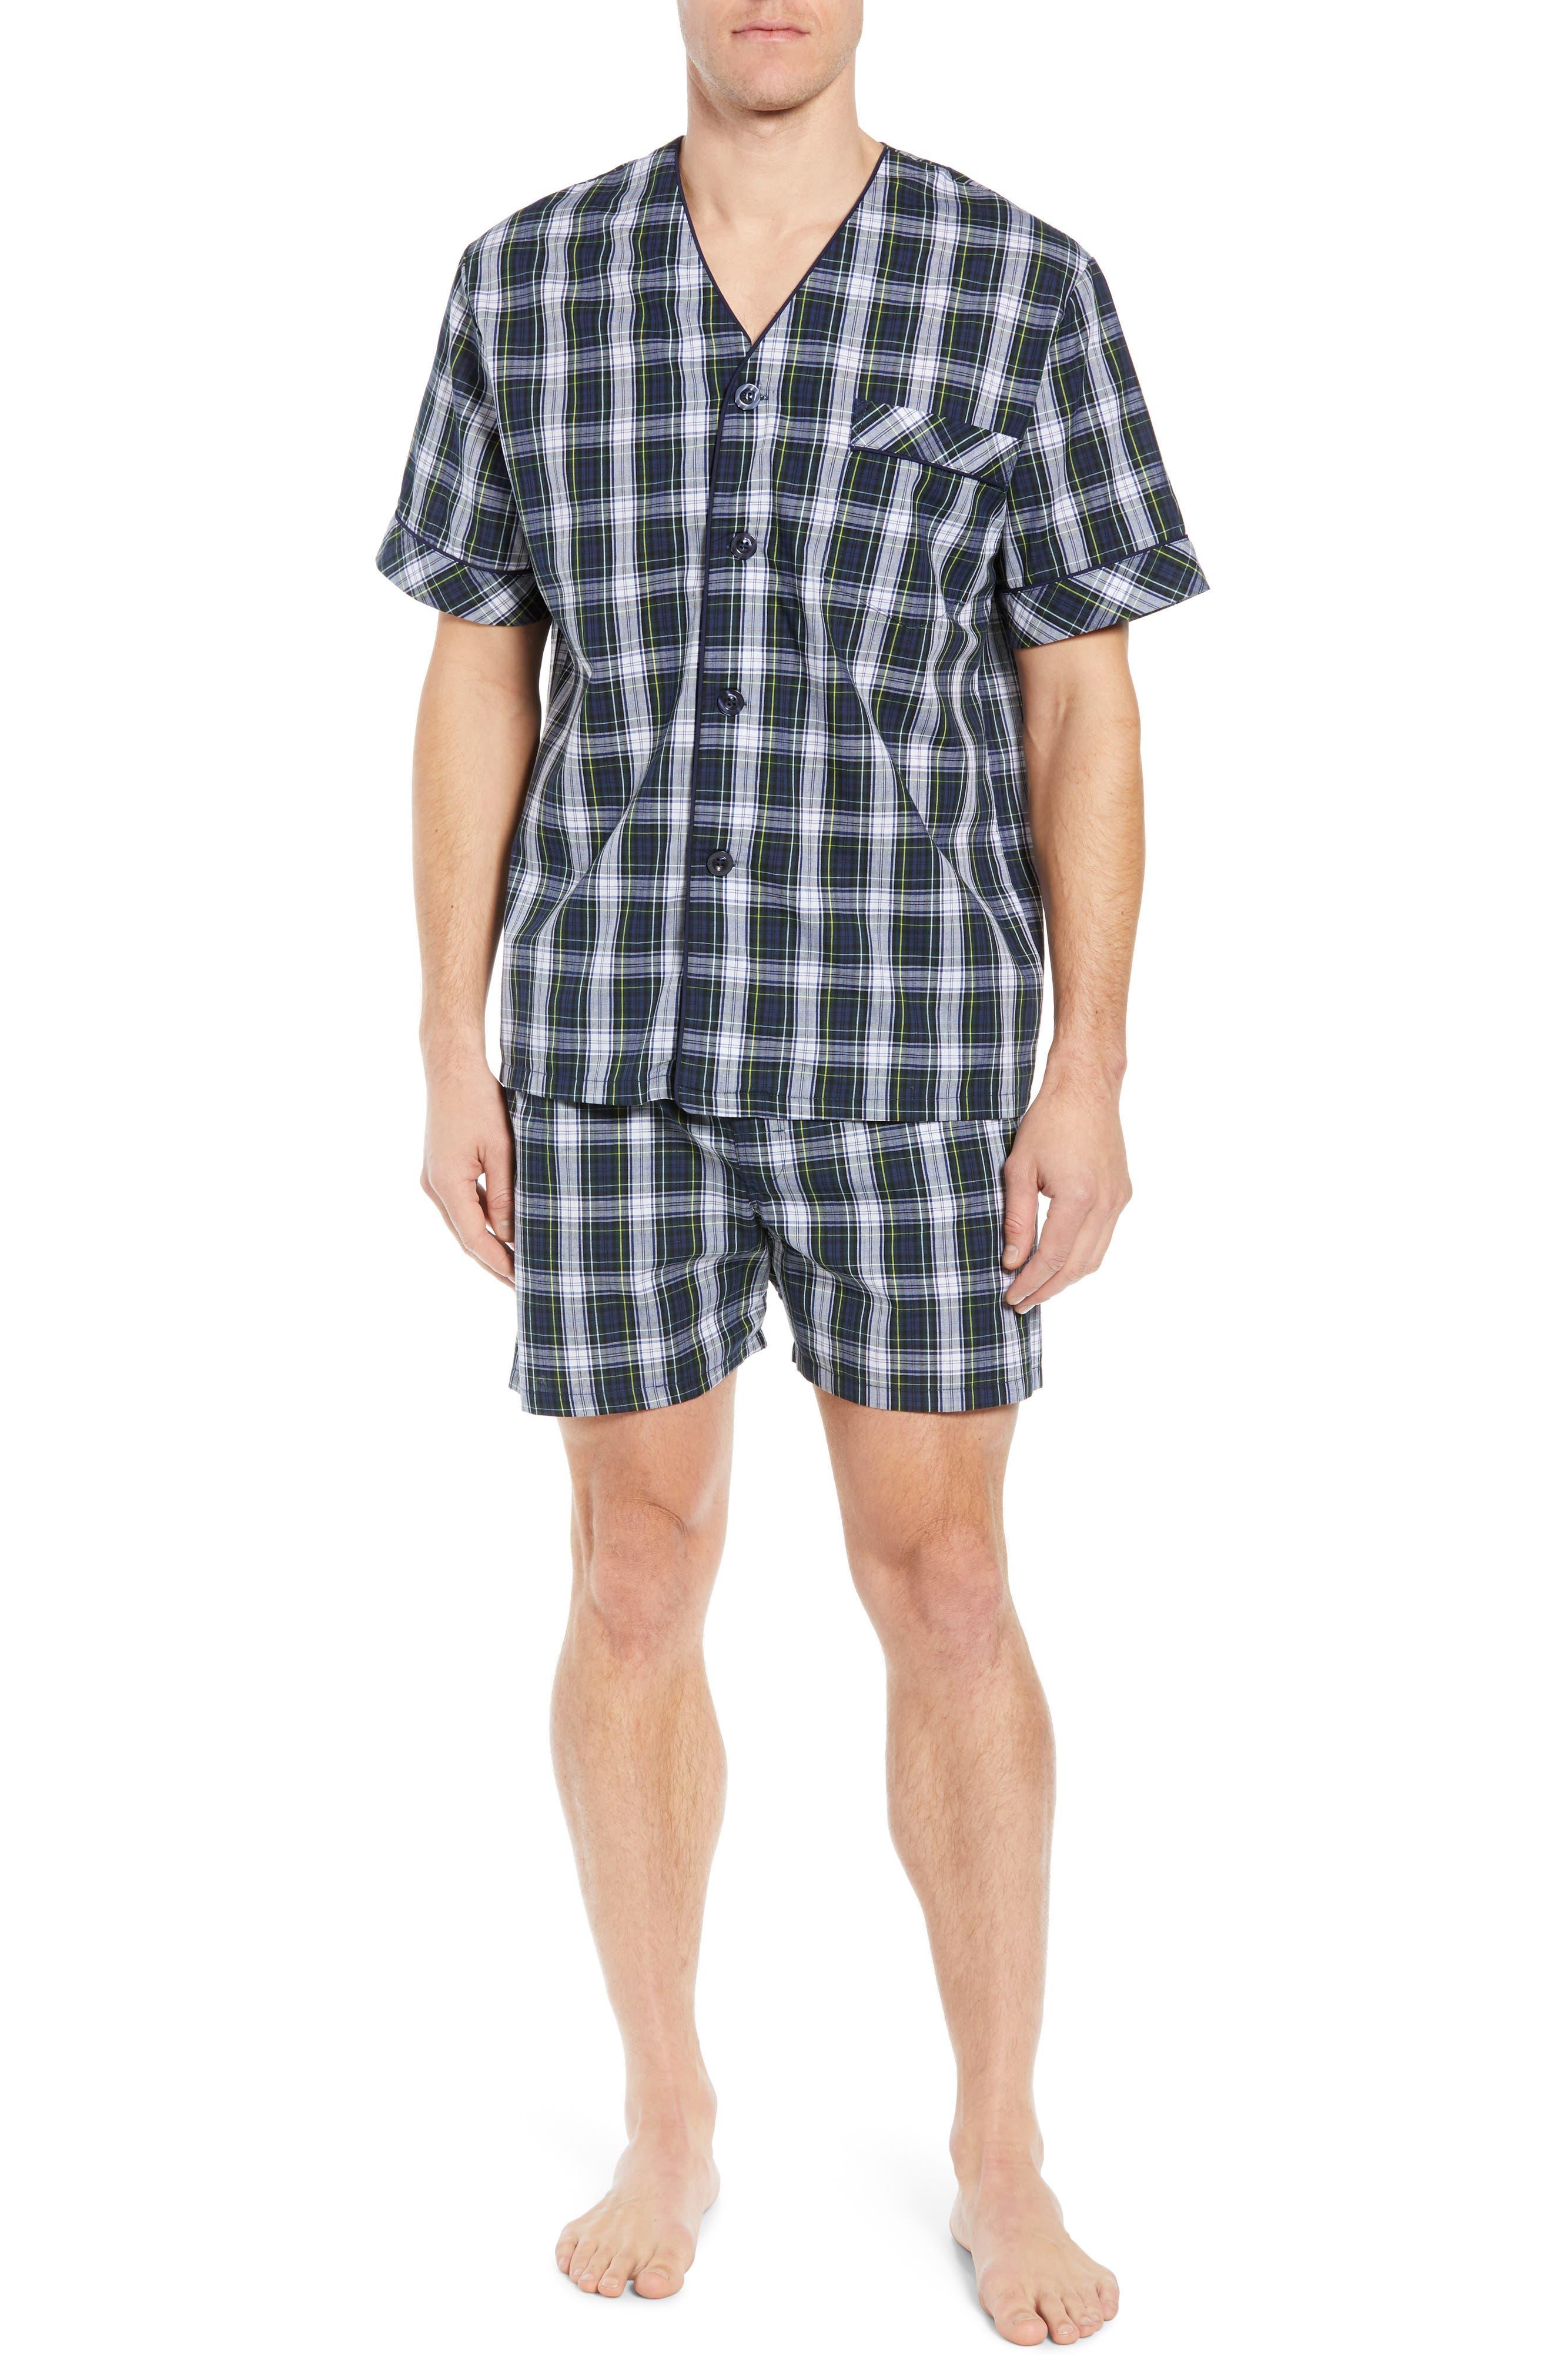 Majestic International Edward Easy Care Short Pajama Set, Green